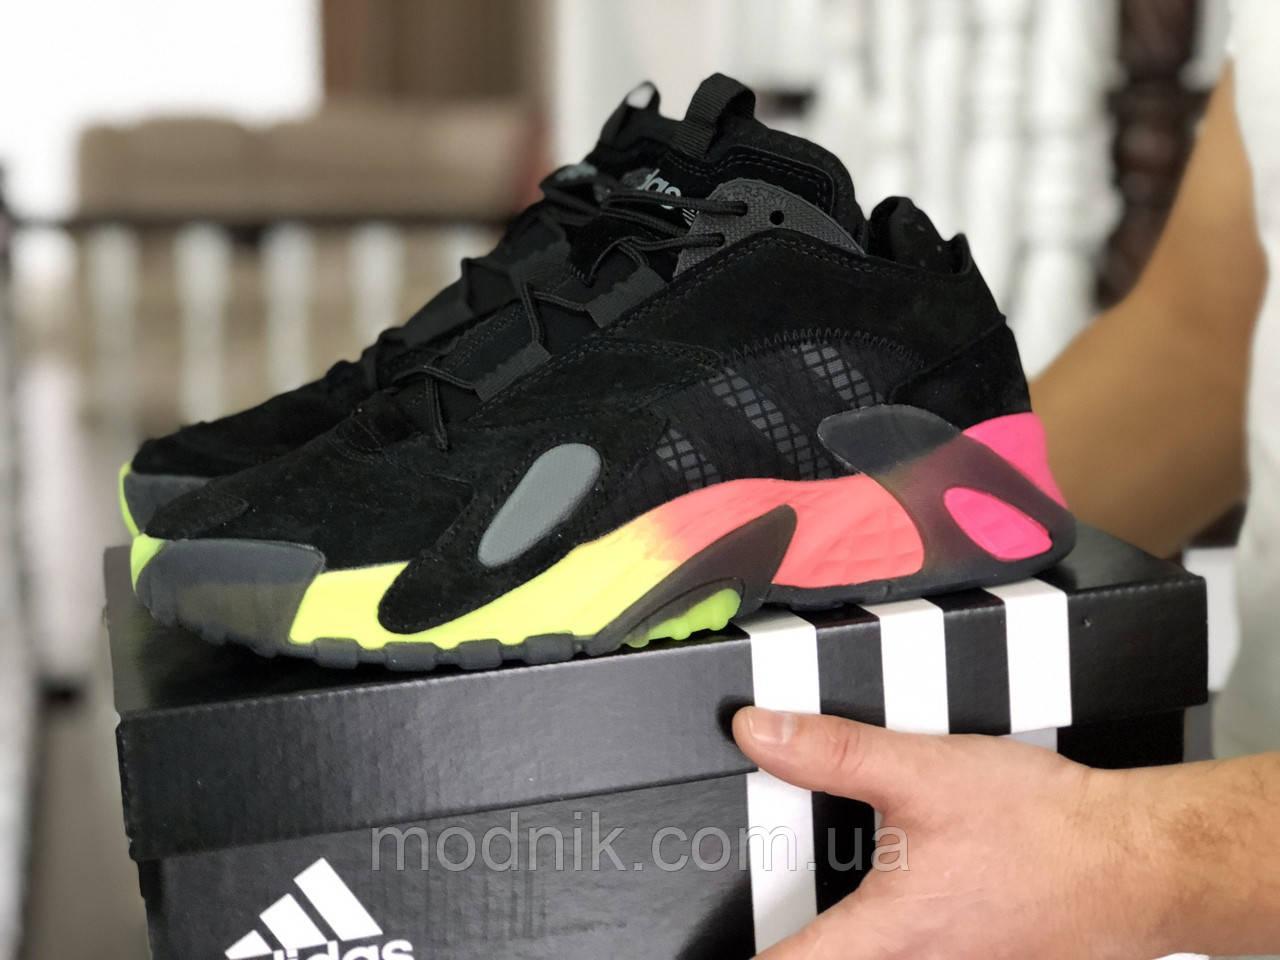 Мужские кроссовки Adidas Streetball (черно-оранжевые)